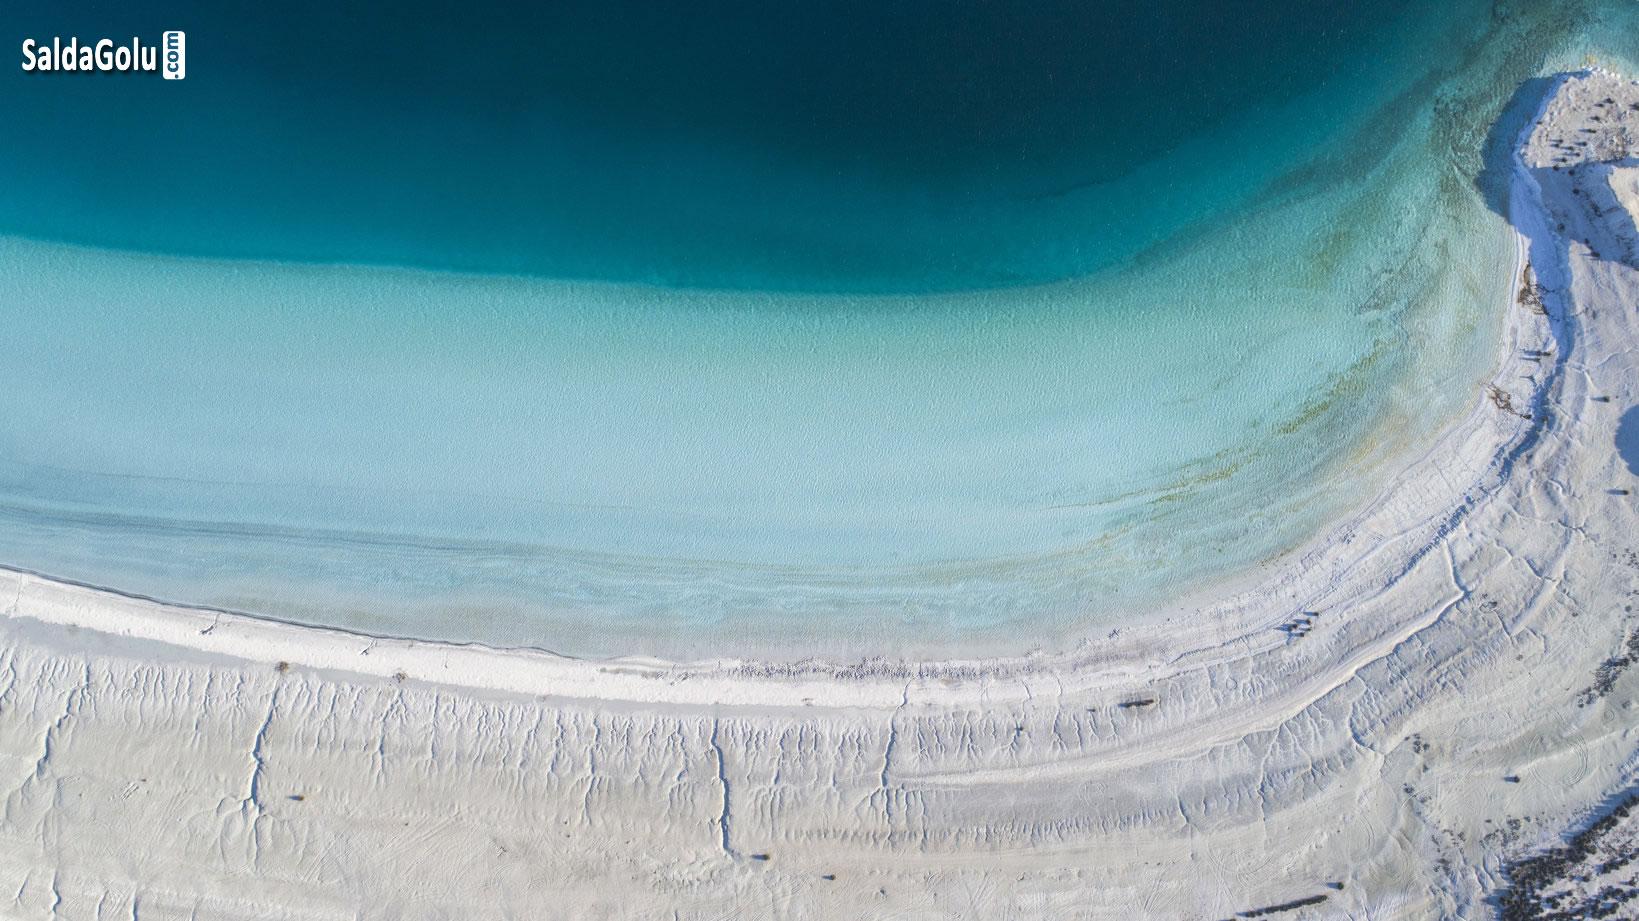 salda gölü ihaleye açıldı